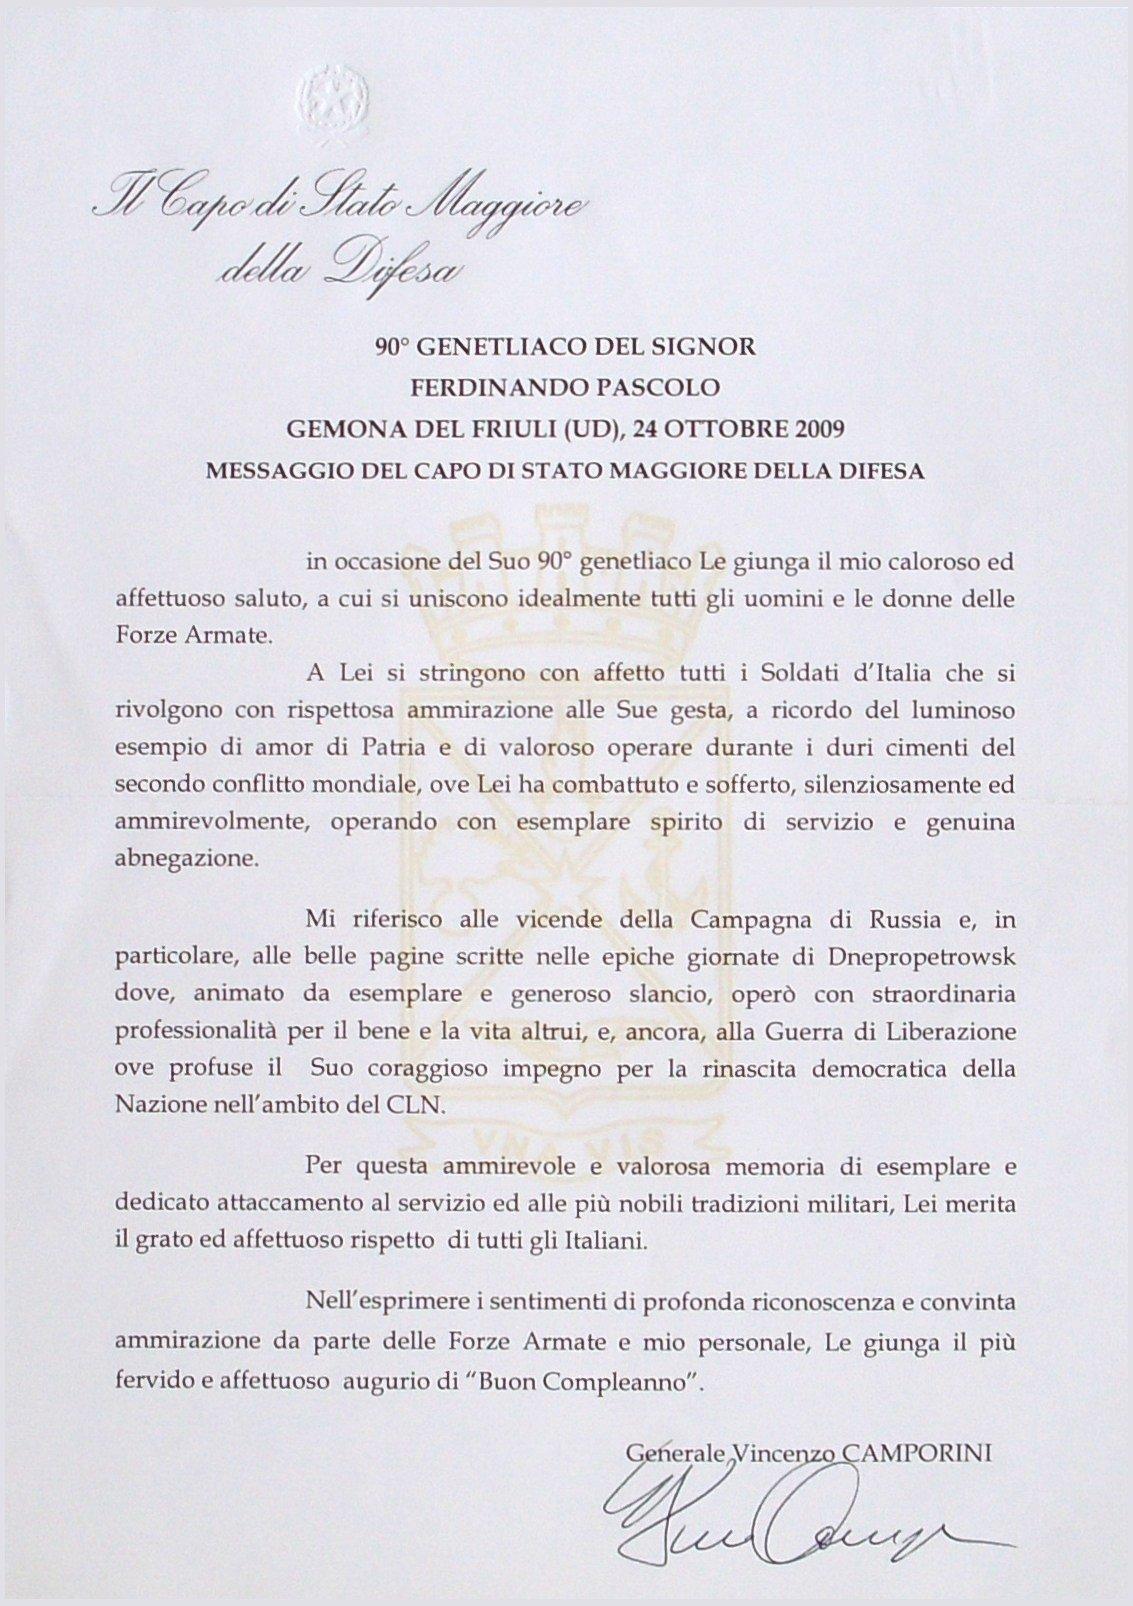 Lettera_Gen_Camporini